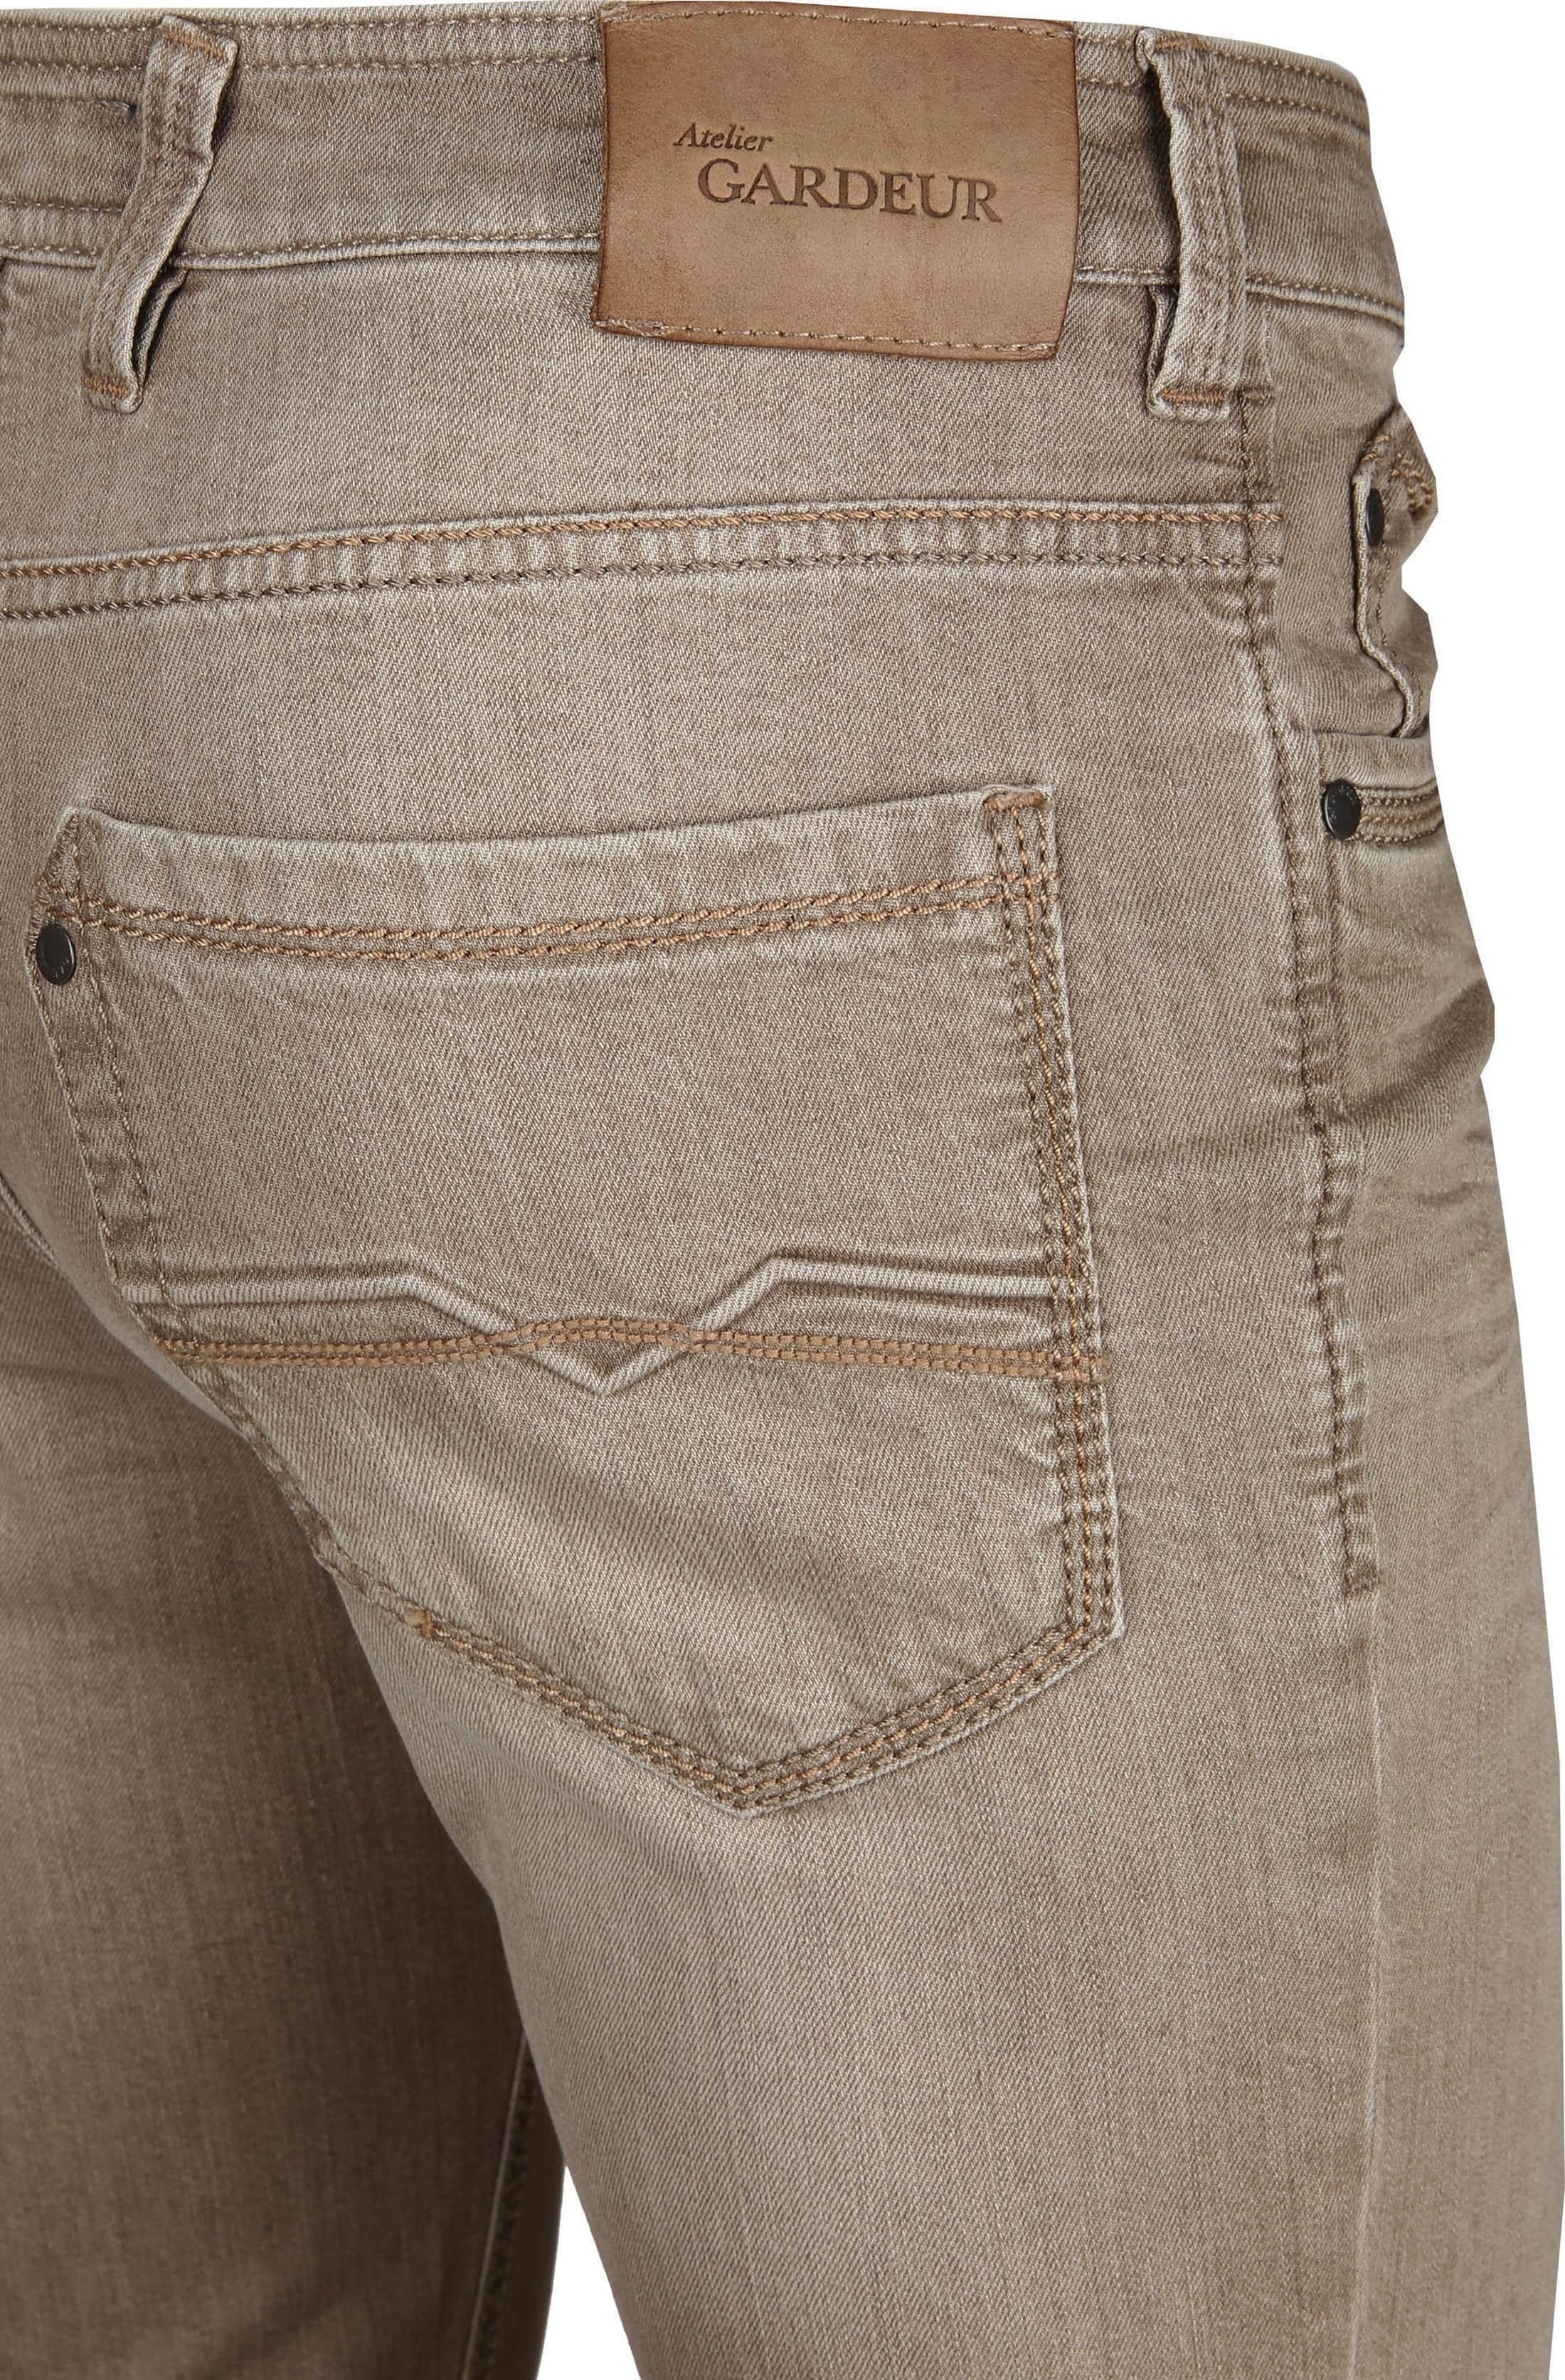 Gardeur Batu Jeans Beige foto 2